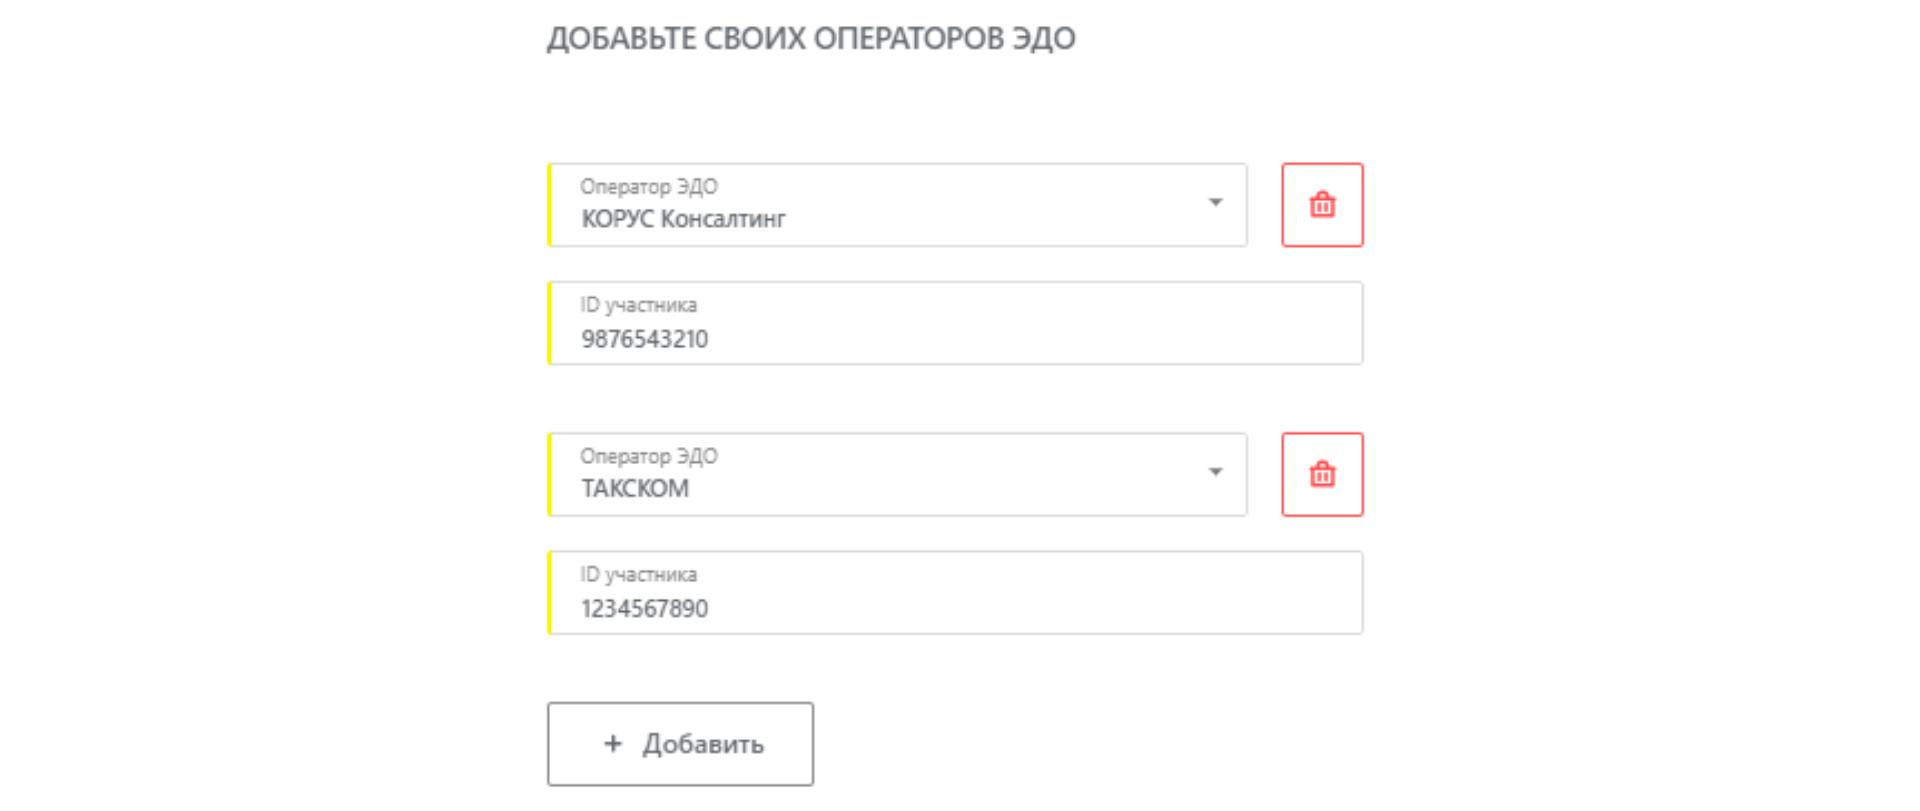 Уточнение или добавление операторов ЭДО с которыми у вас есть договор